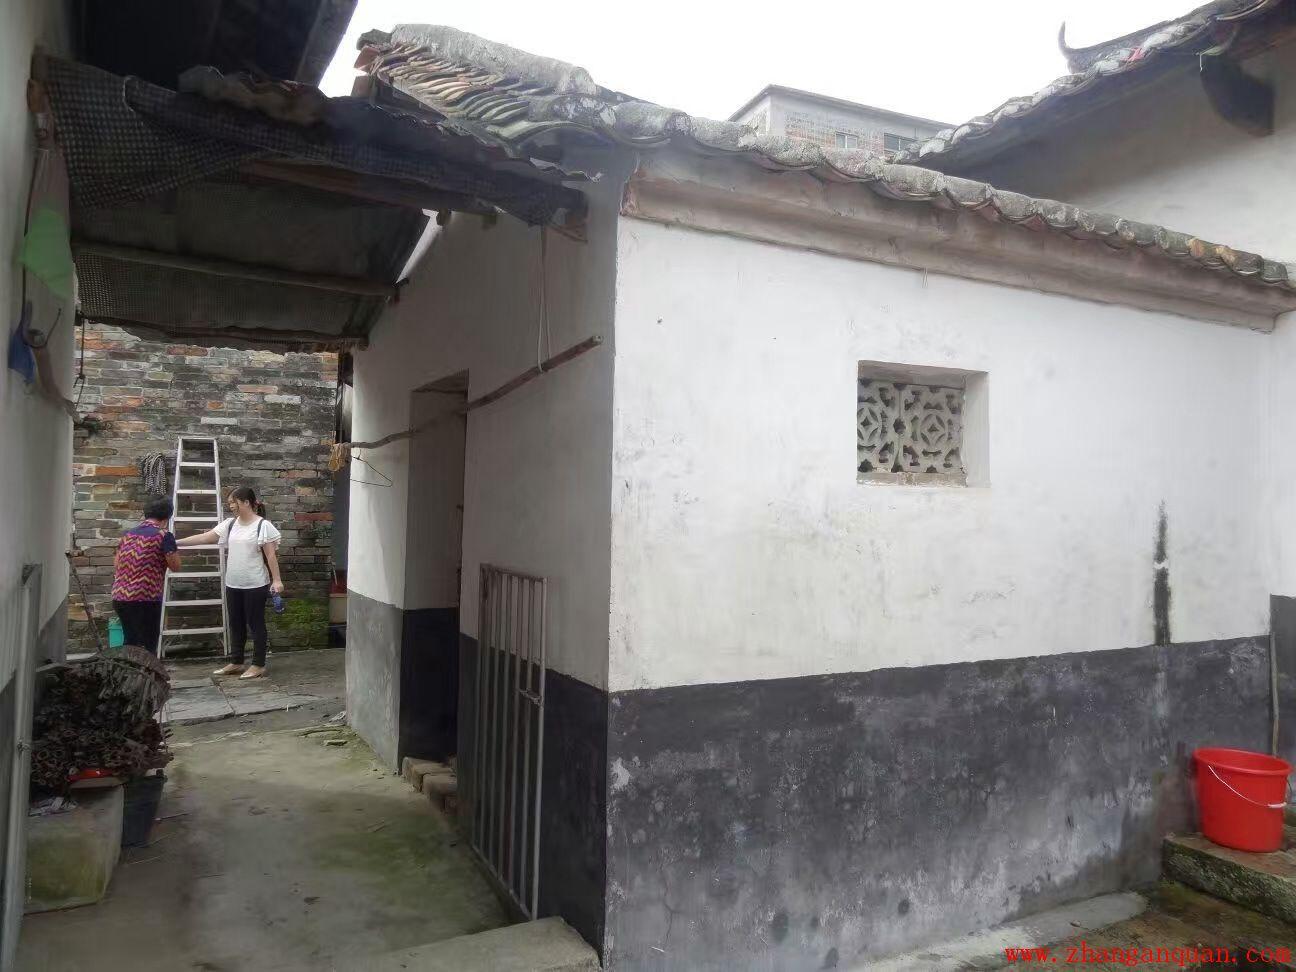 福和三星村西河德盛湛公祠,三进两天井,两边拖廊。